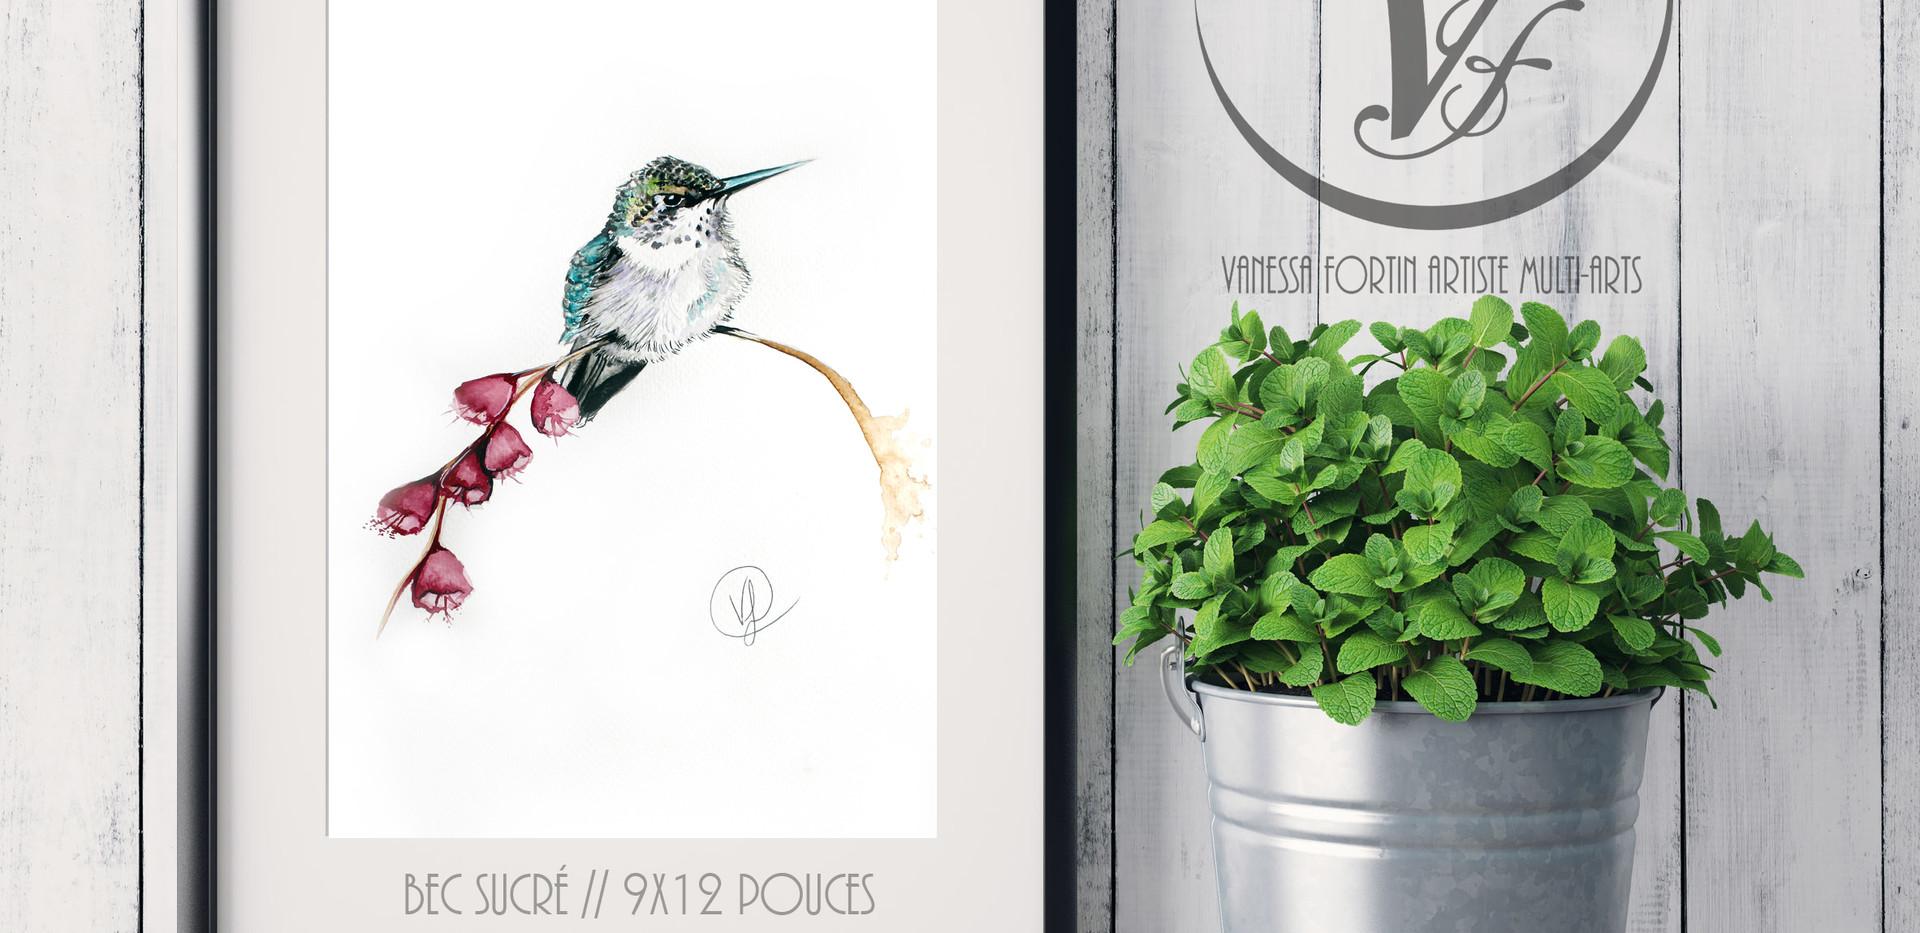 Bec sucré_ aquarelle 9x12 pouces _ JANVI